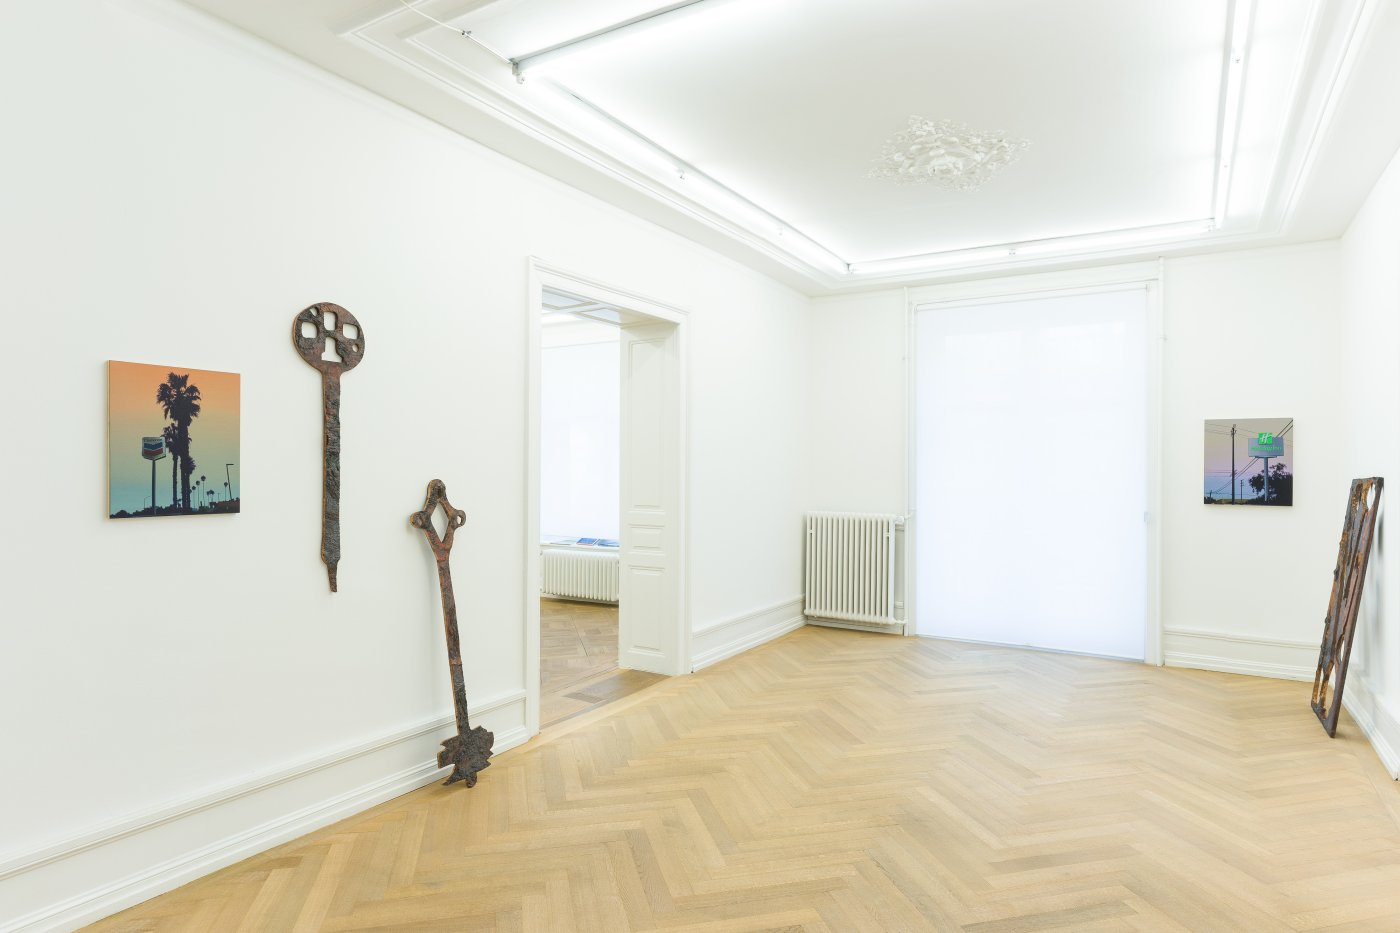 Mai 36 Galerie Rita McBride Glen Rubsamen 3